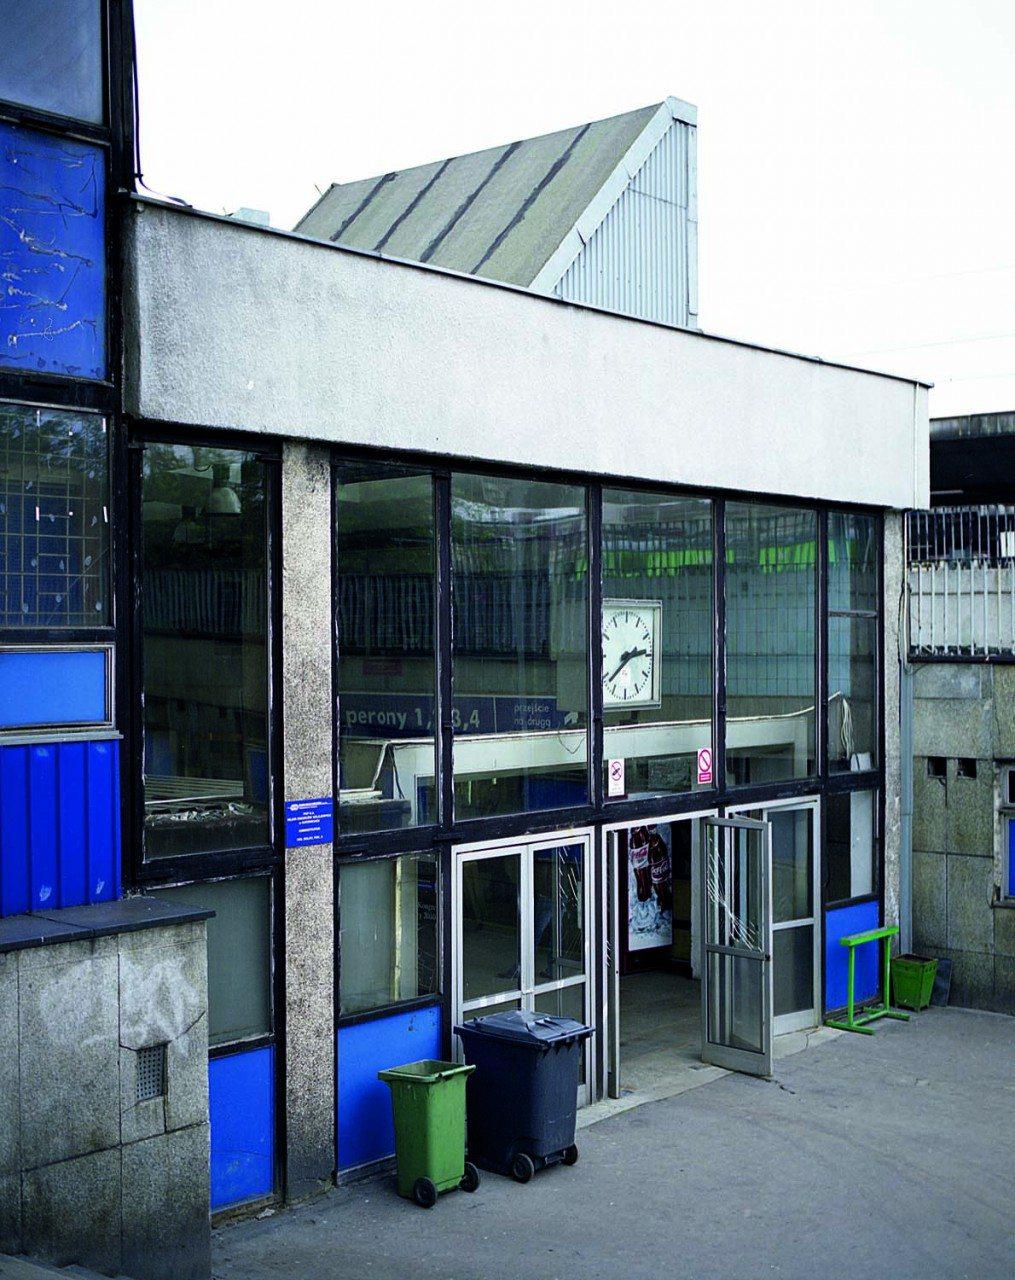 Der Bahnhof in Kattowitz. Wilhelm-Szewczyk-Platz 1. Entworfen von Waclaw Klyszewski, Jerzy Mokrzynski, Eugeniusz Wierzbicki. Erbaut 1972, abgerissen 2010/2011. Das Foto zeigt den heutigen Bahnhof.